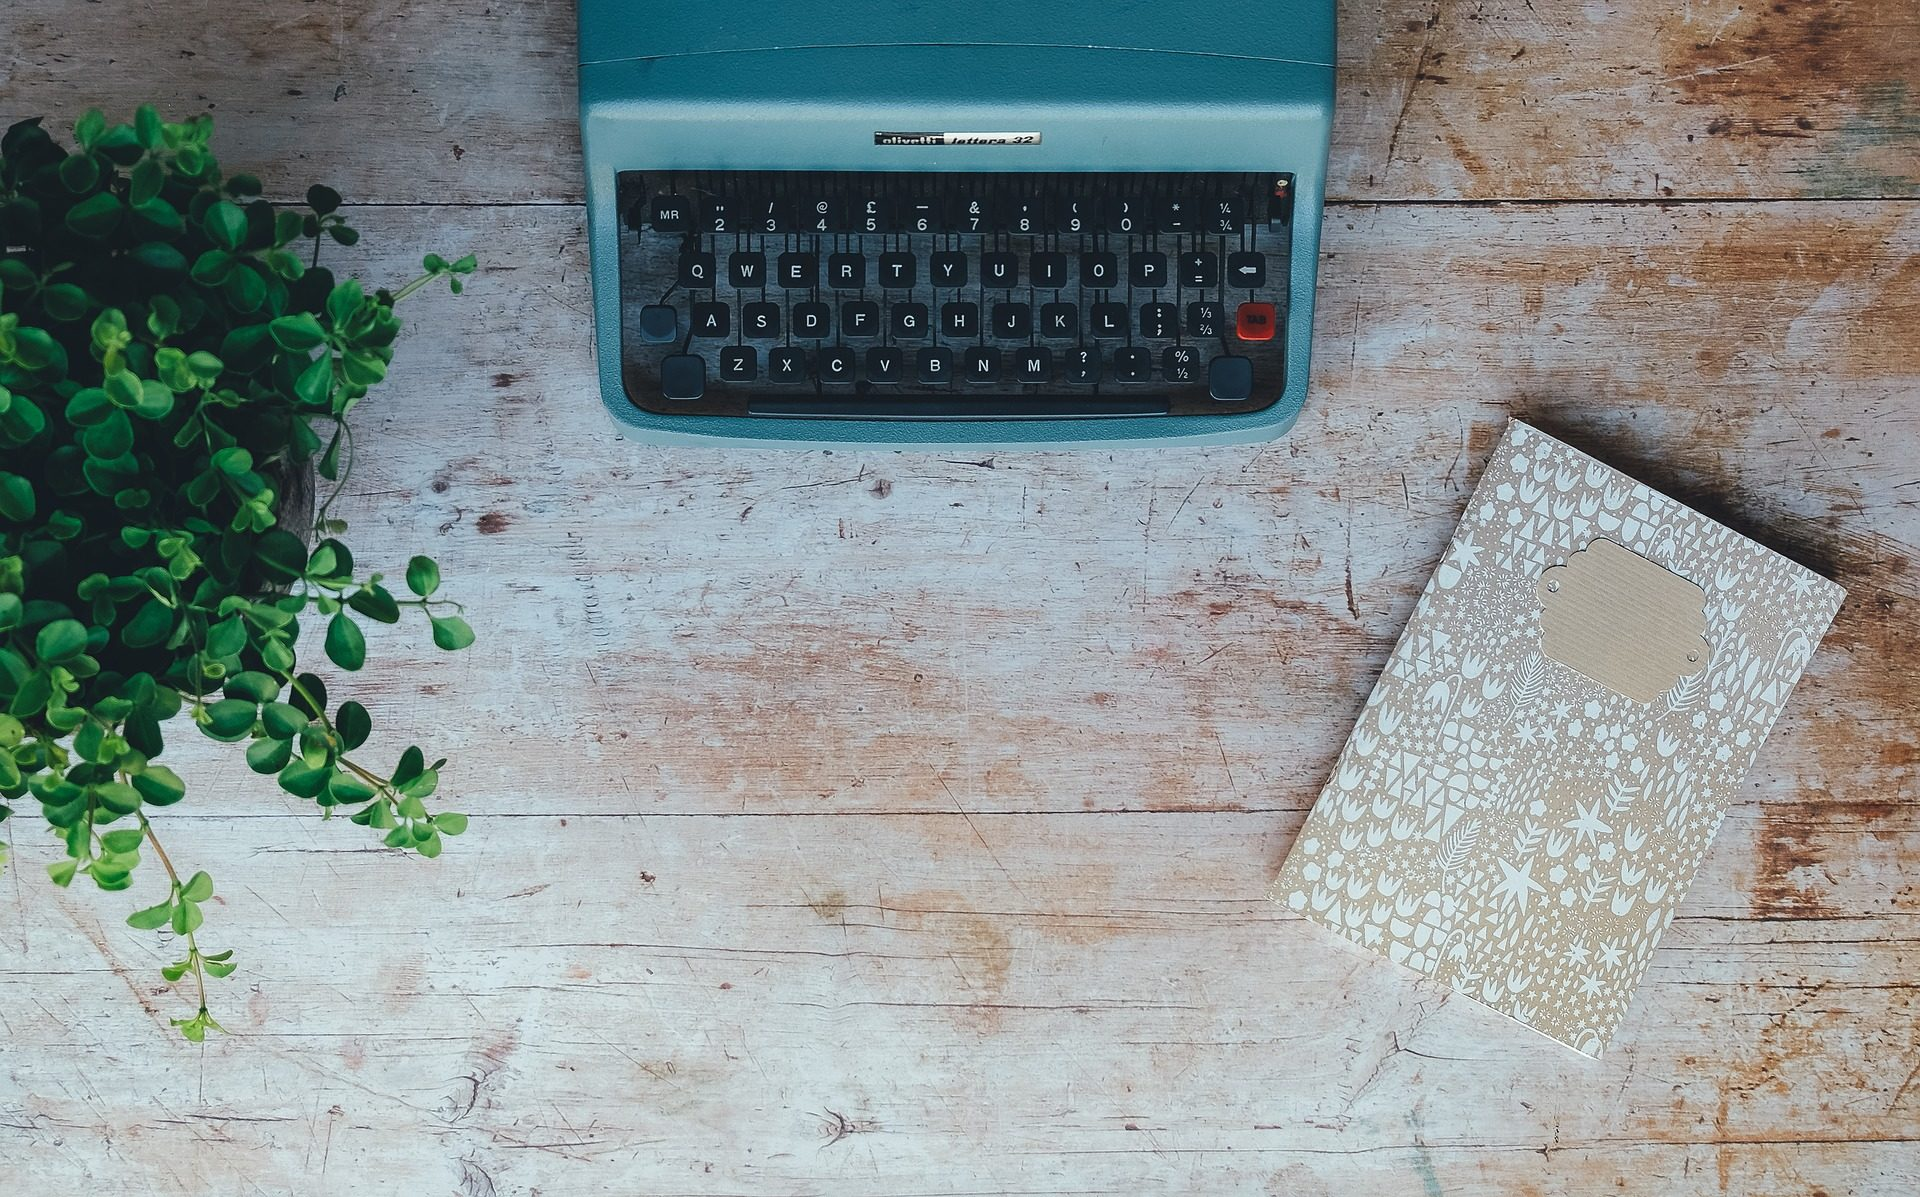 آلة, يكتب, دفتر الملاحظات, مصنع, سطح المكتب, الخشب, خمر - خلفيات عالية الدقة - أستاذ falken.com